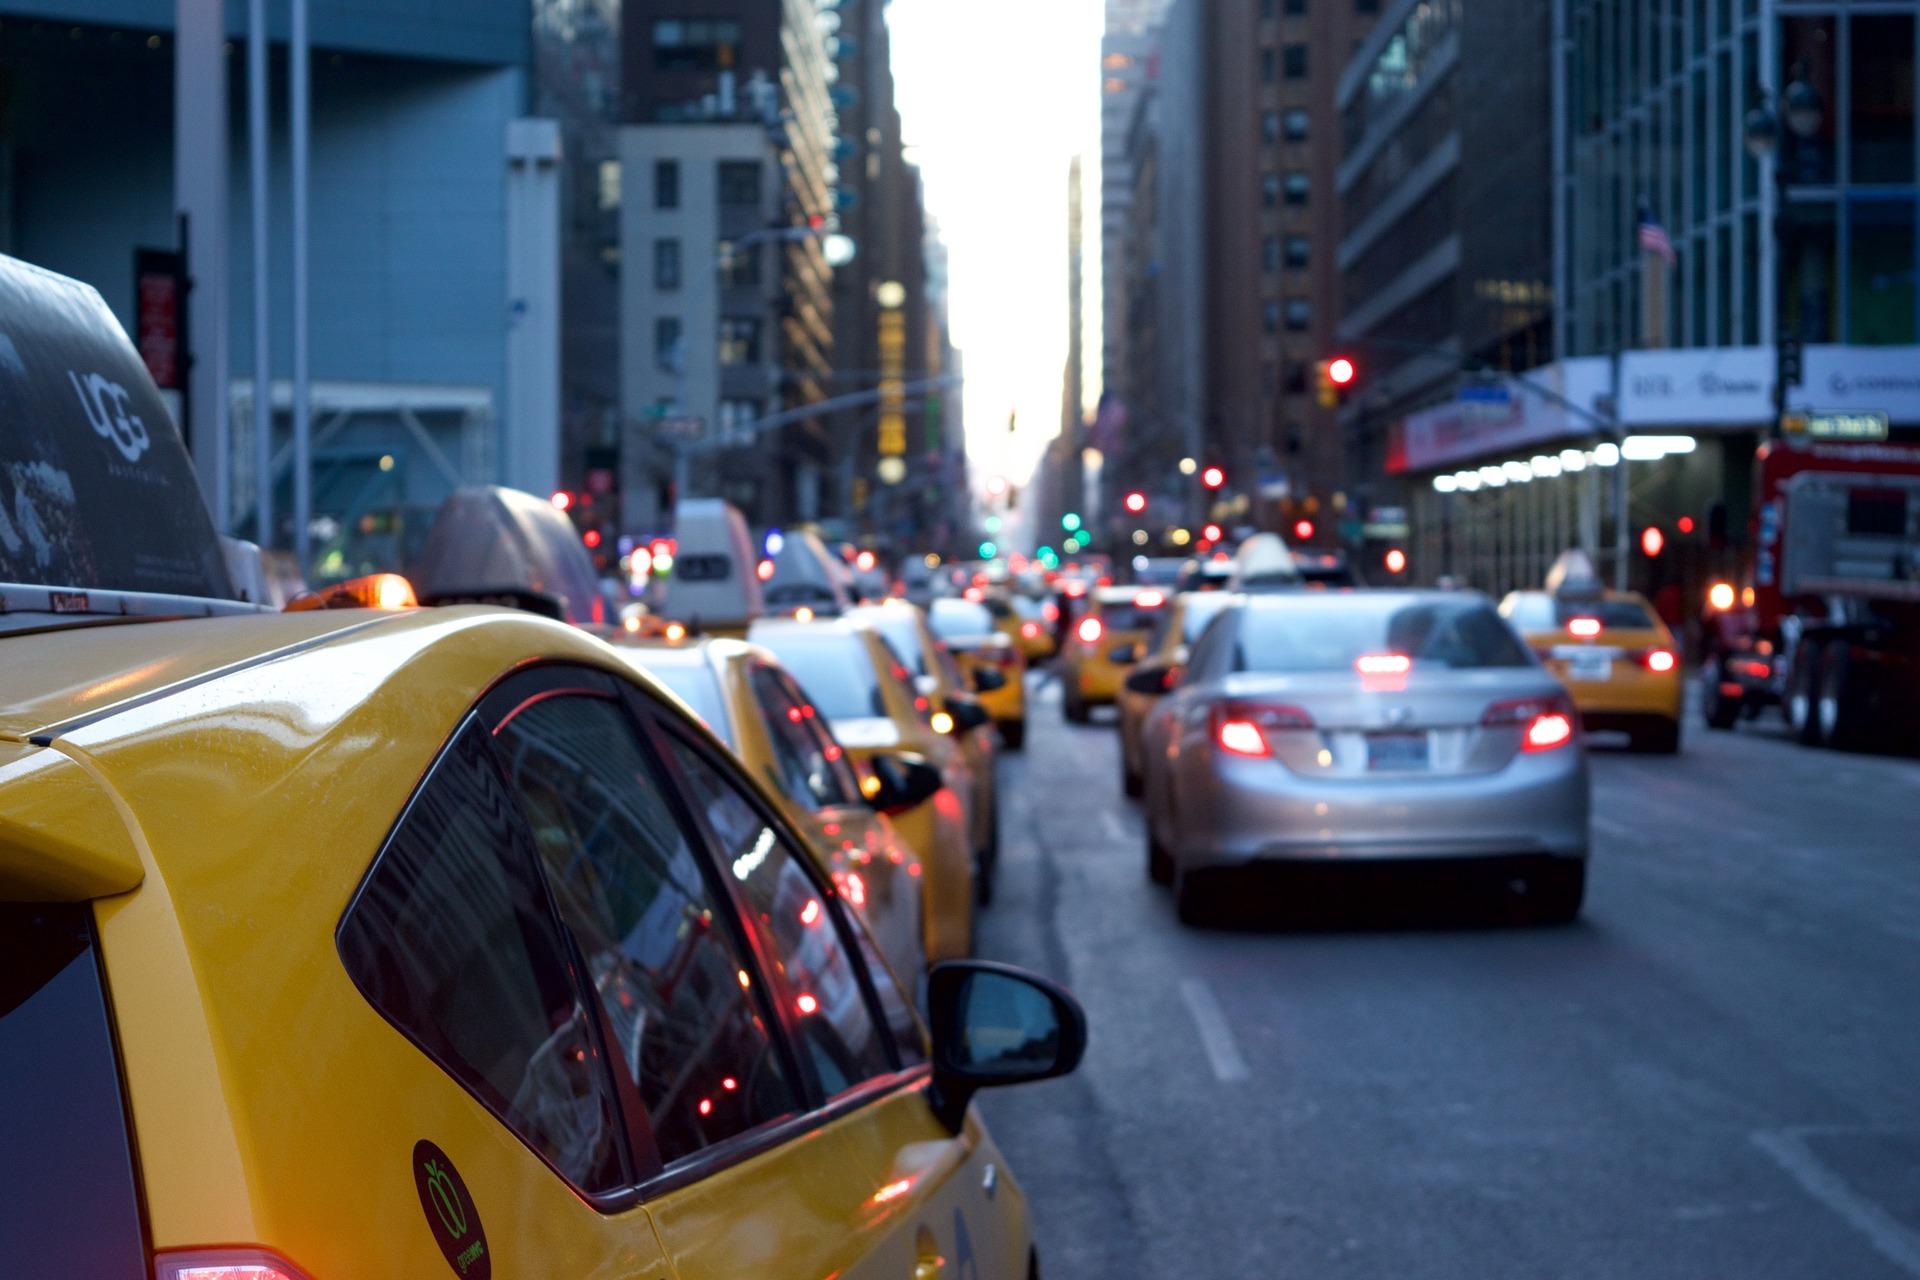 taxi-1209542_1920.jpg